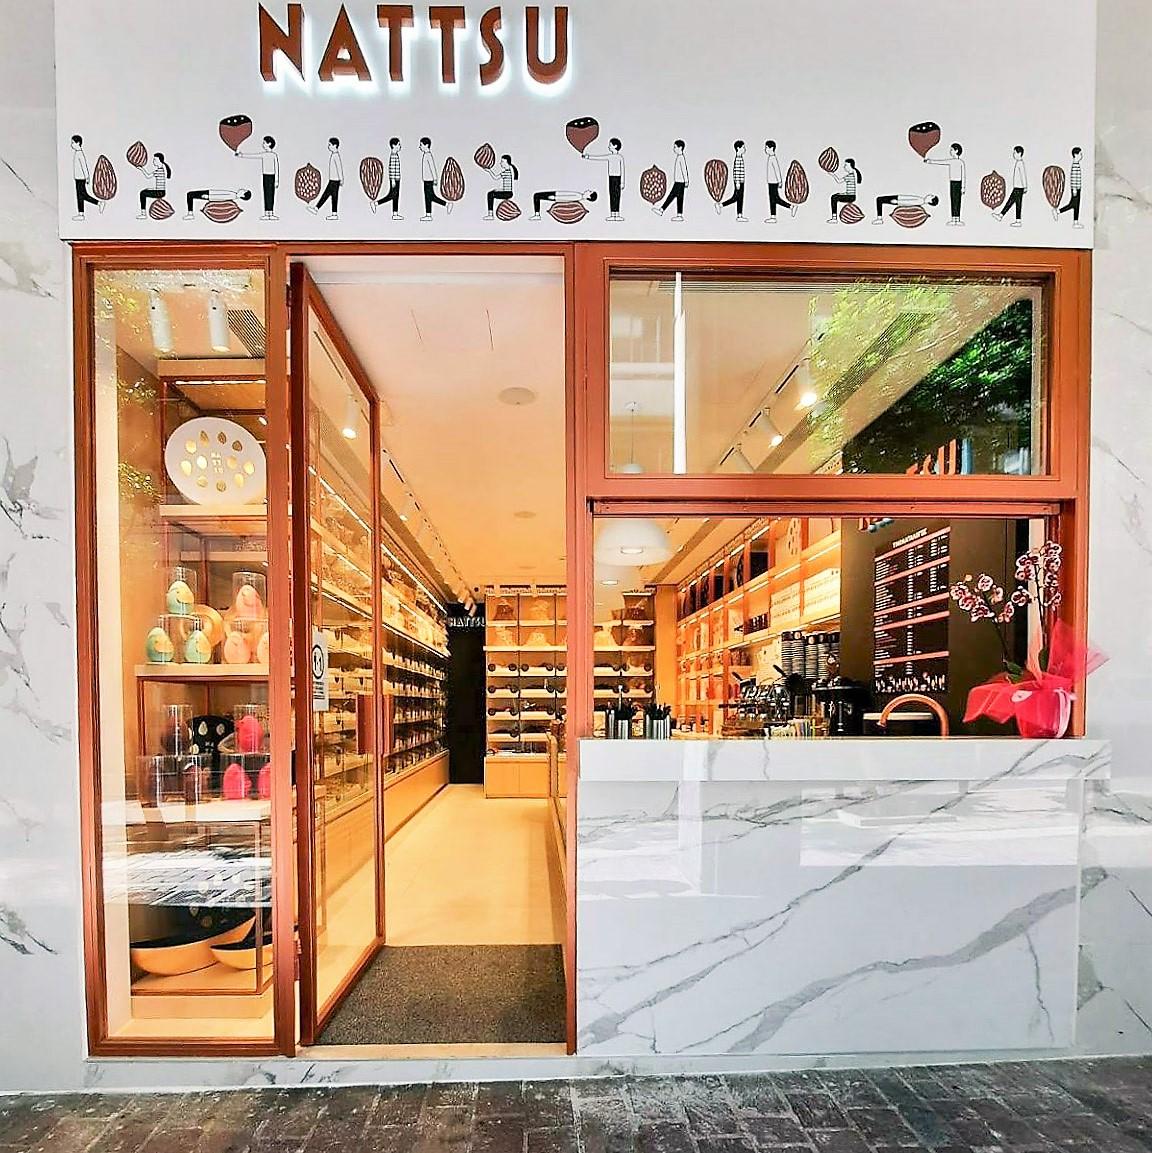 Nattsu Athens